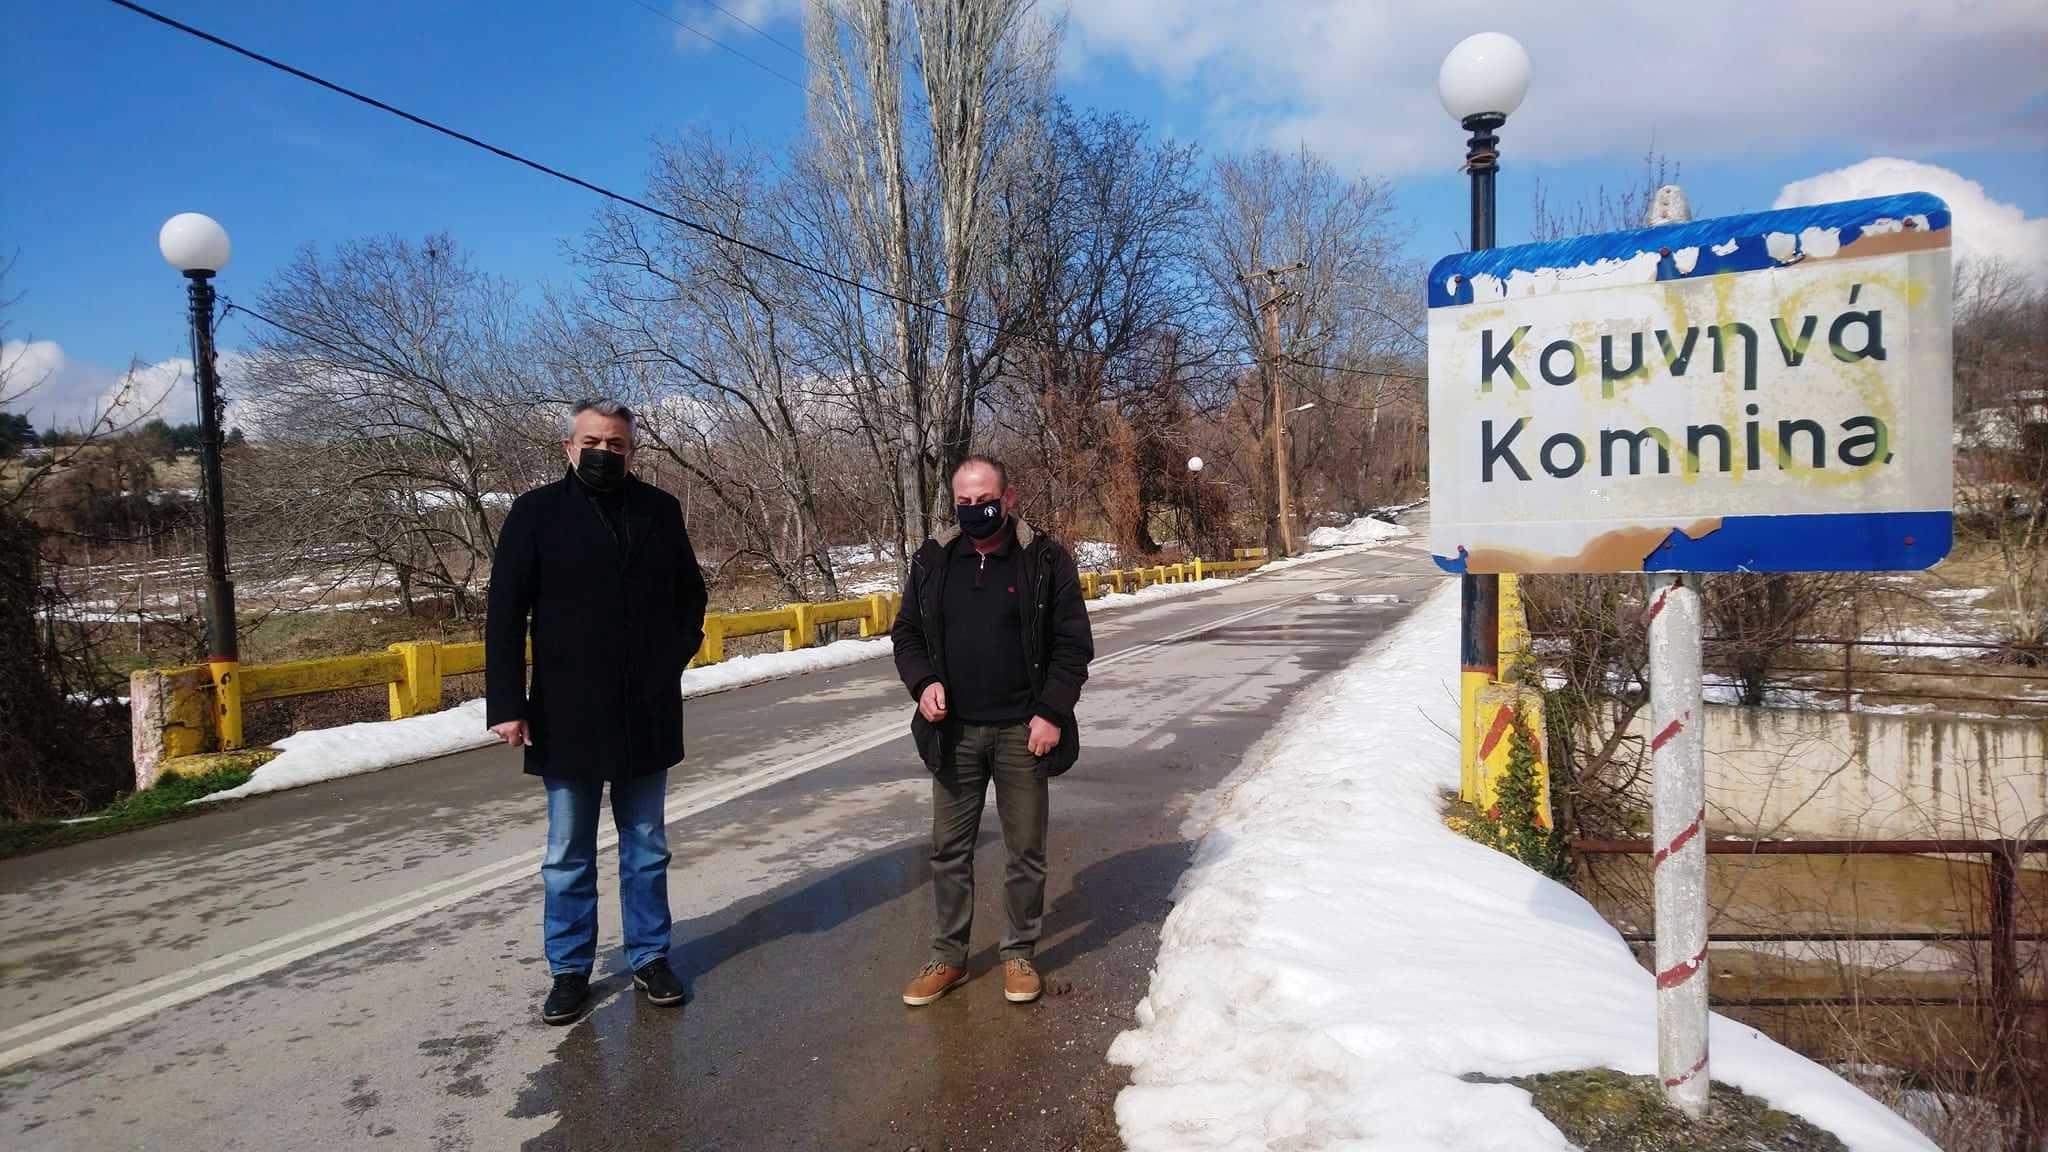 Επίσκεψη σε Κομνηνά – Μεσόβουνο του Αντιπεριφερειάρχη Κοζάνης